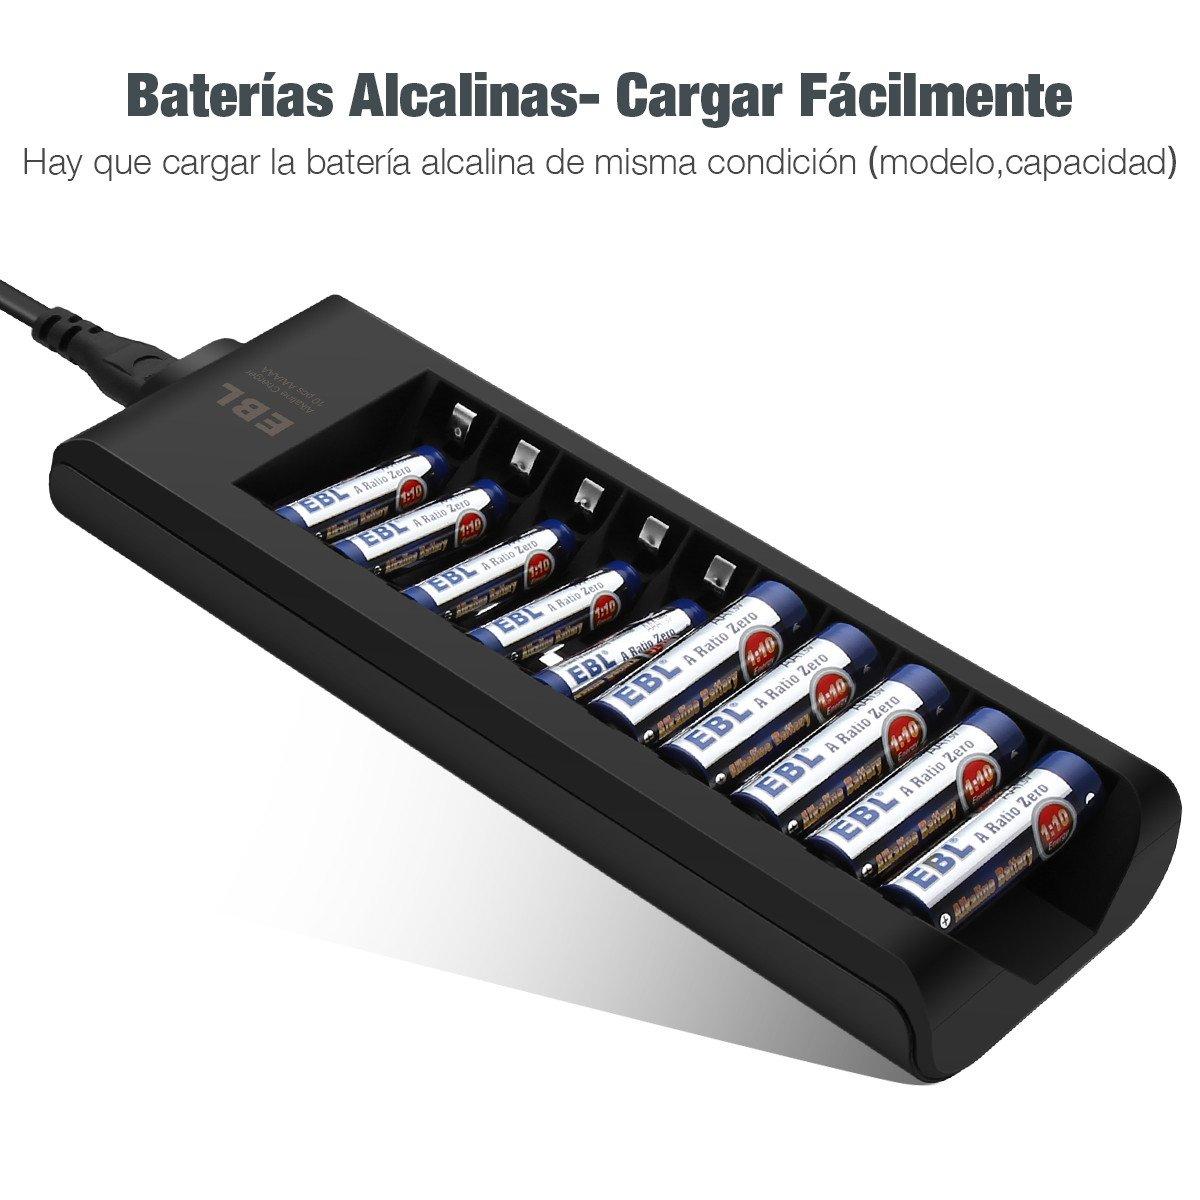 EBL Cargador de Pilas Alcalinas con 10 Ranuras Recargables AA AAA Pilas Alcalinas, Color Negro